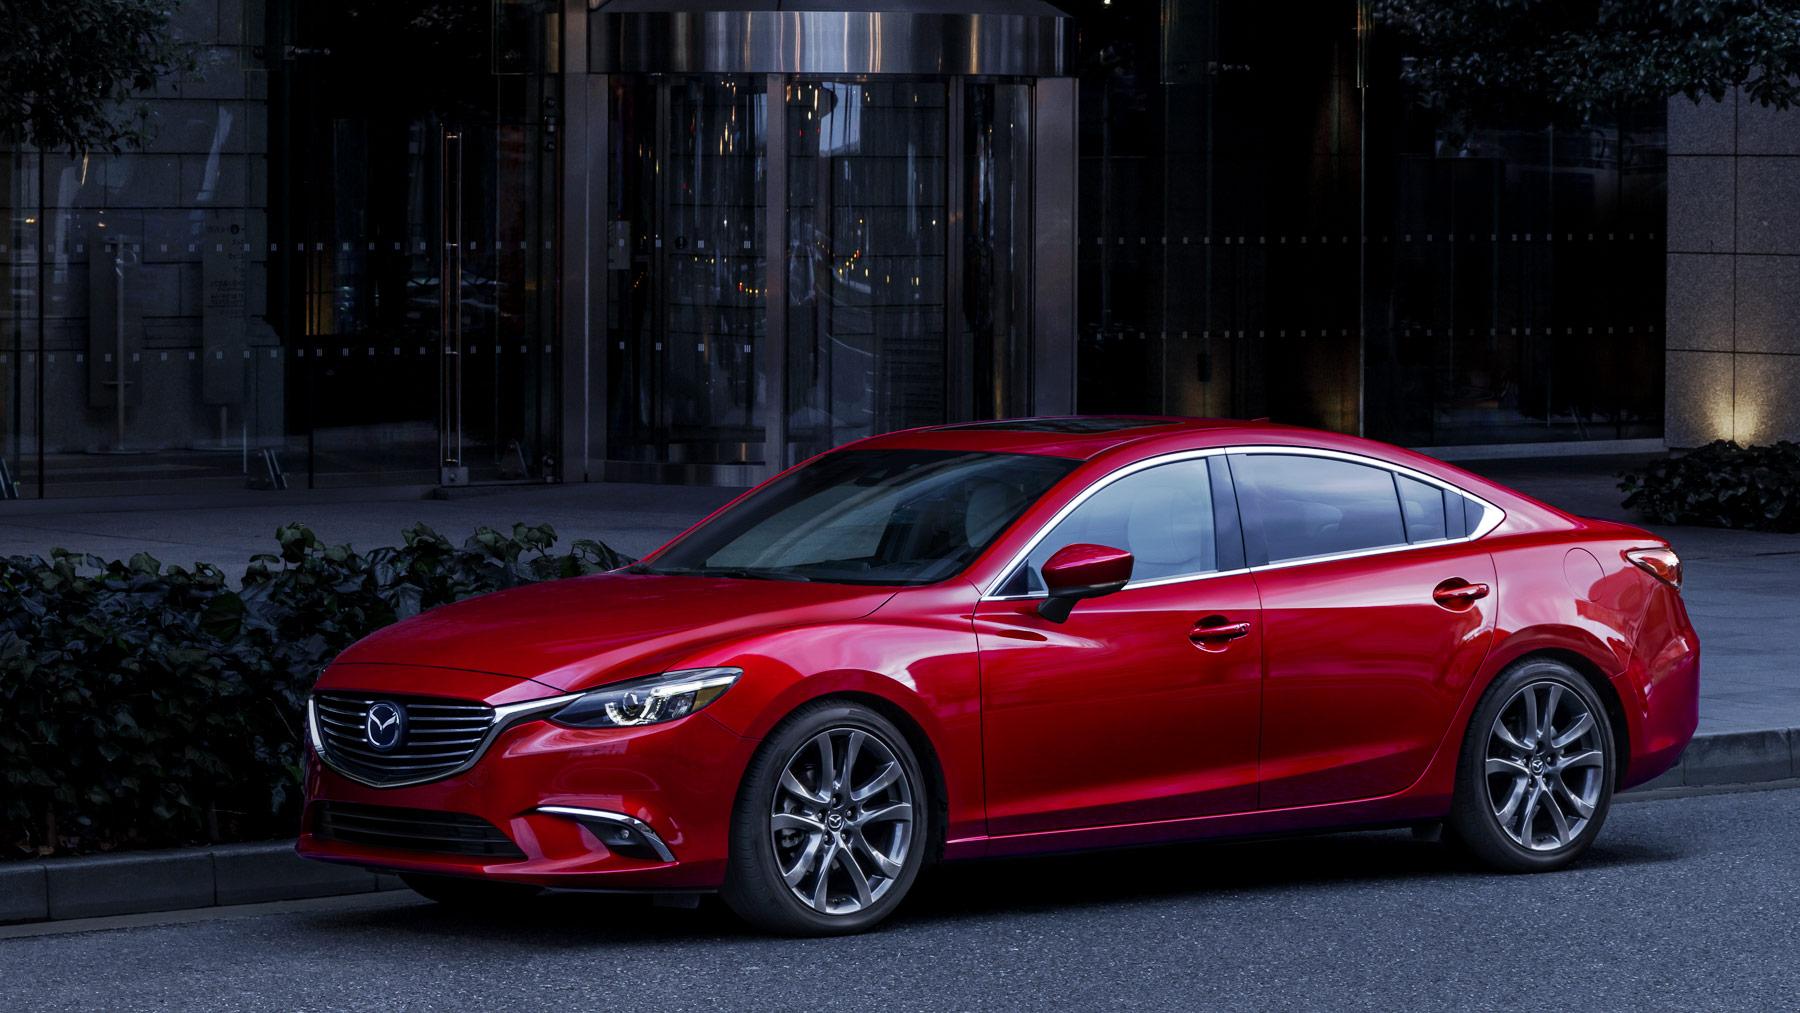 Mazda 2017 6 Autos Medianos Fotos Y Videos Mazda Usa